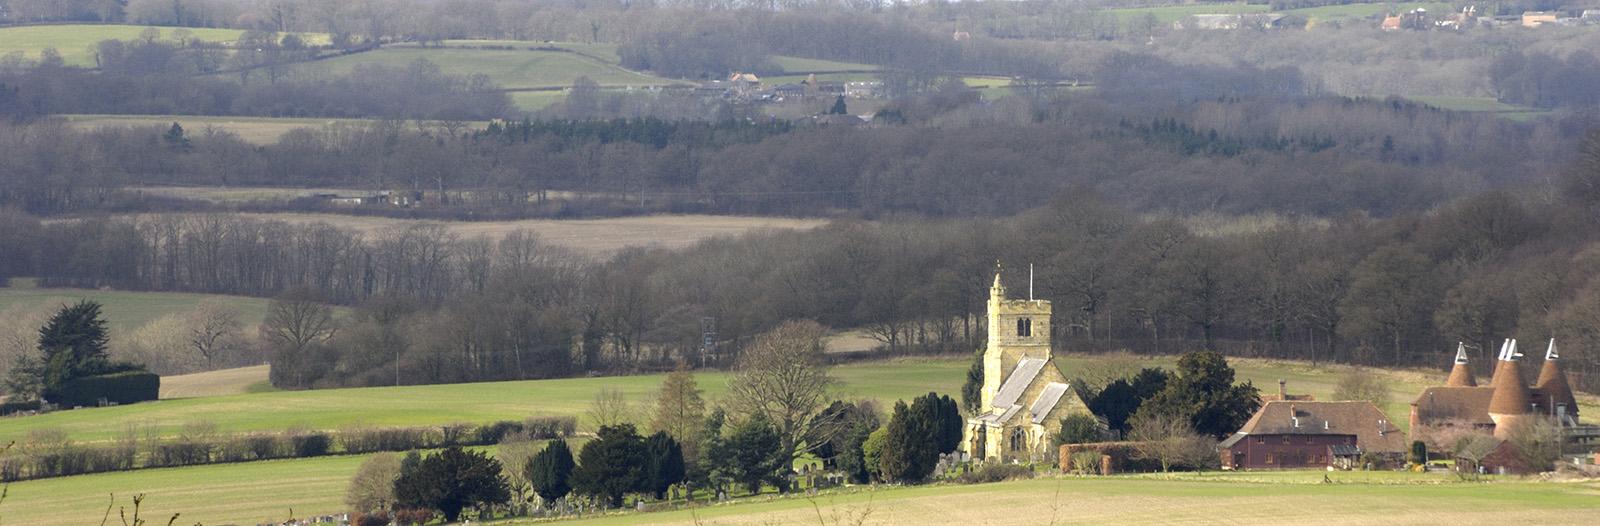 Beautiful Wealden Kent Countryside near Tunbridge Wells (Mike Bartlett)